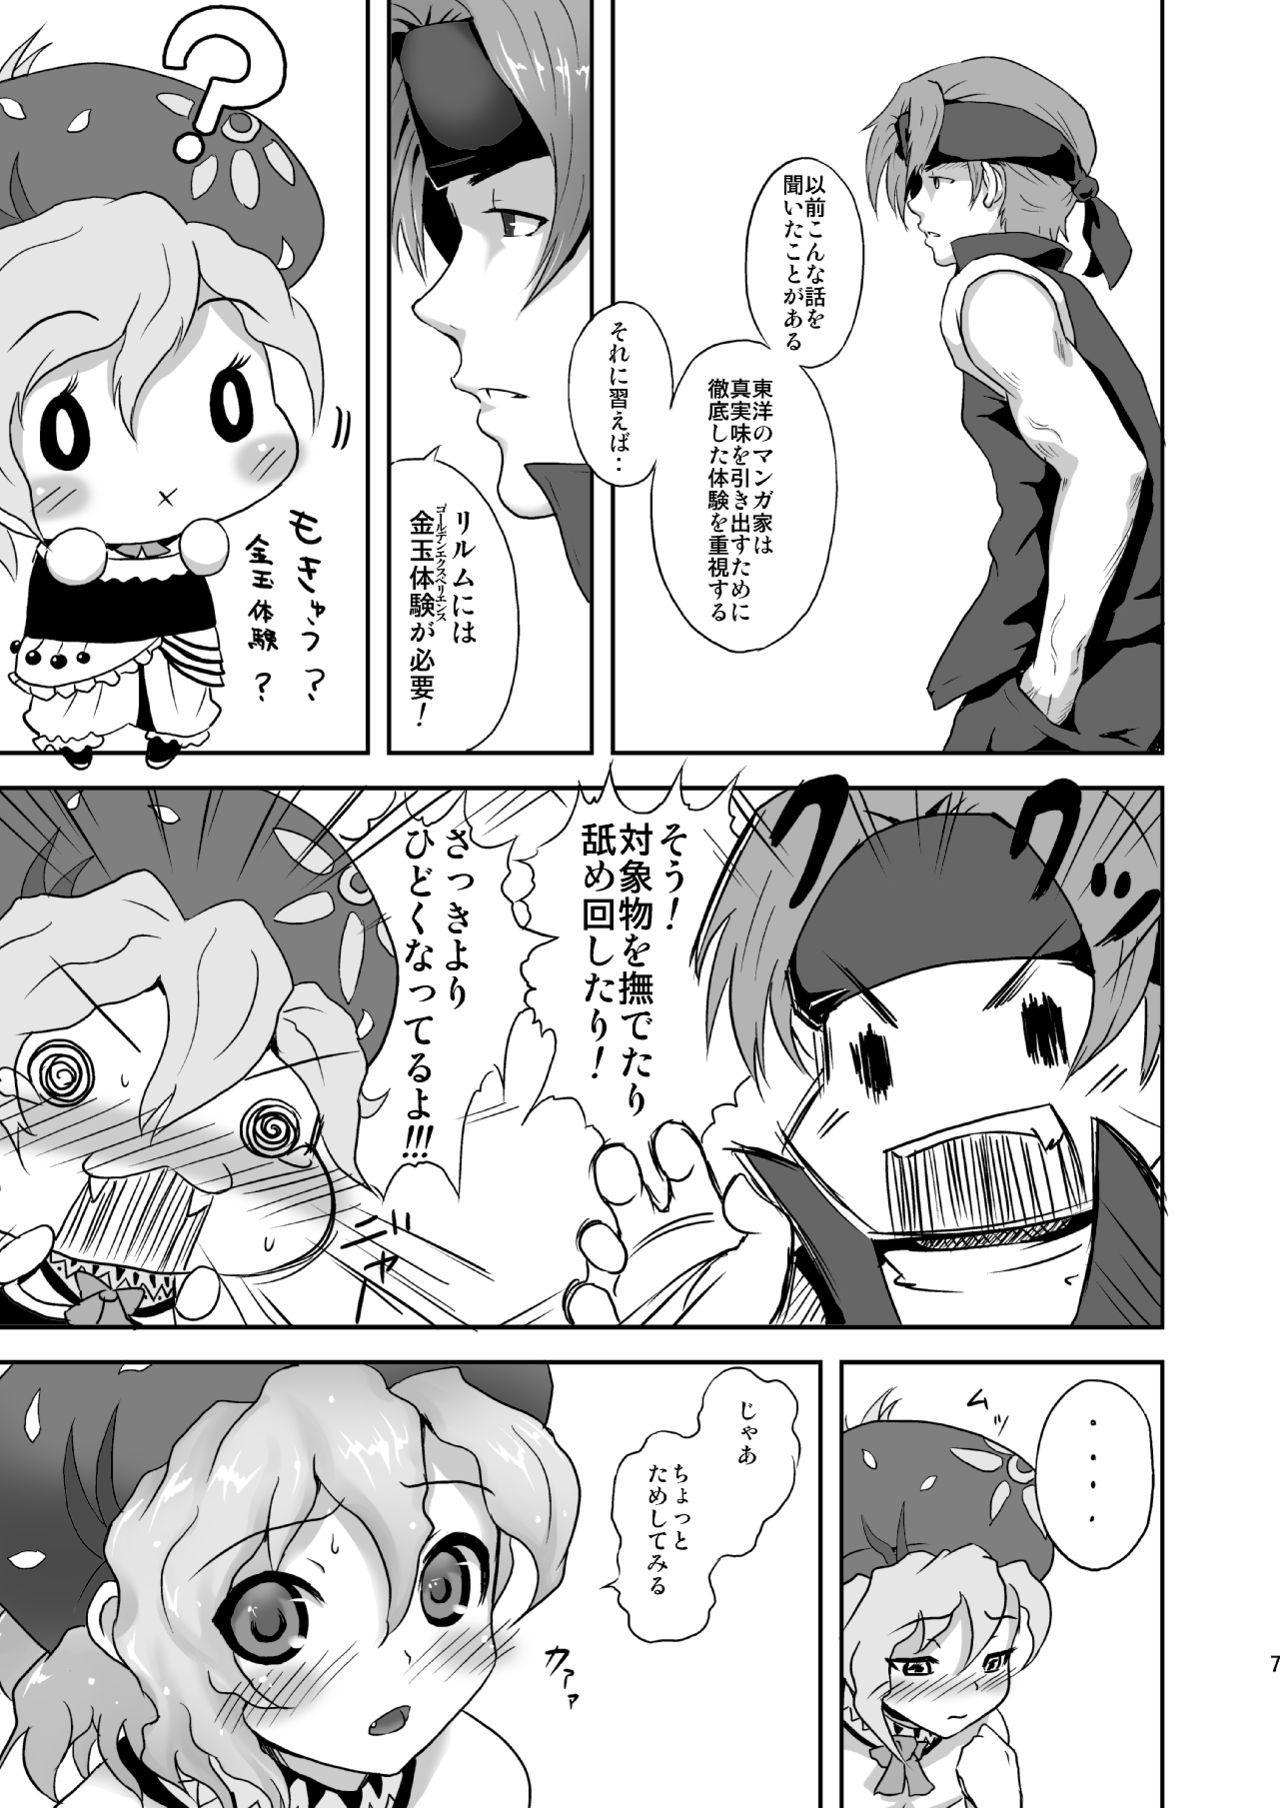 Relm-tan no Hajirai Sketch 5